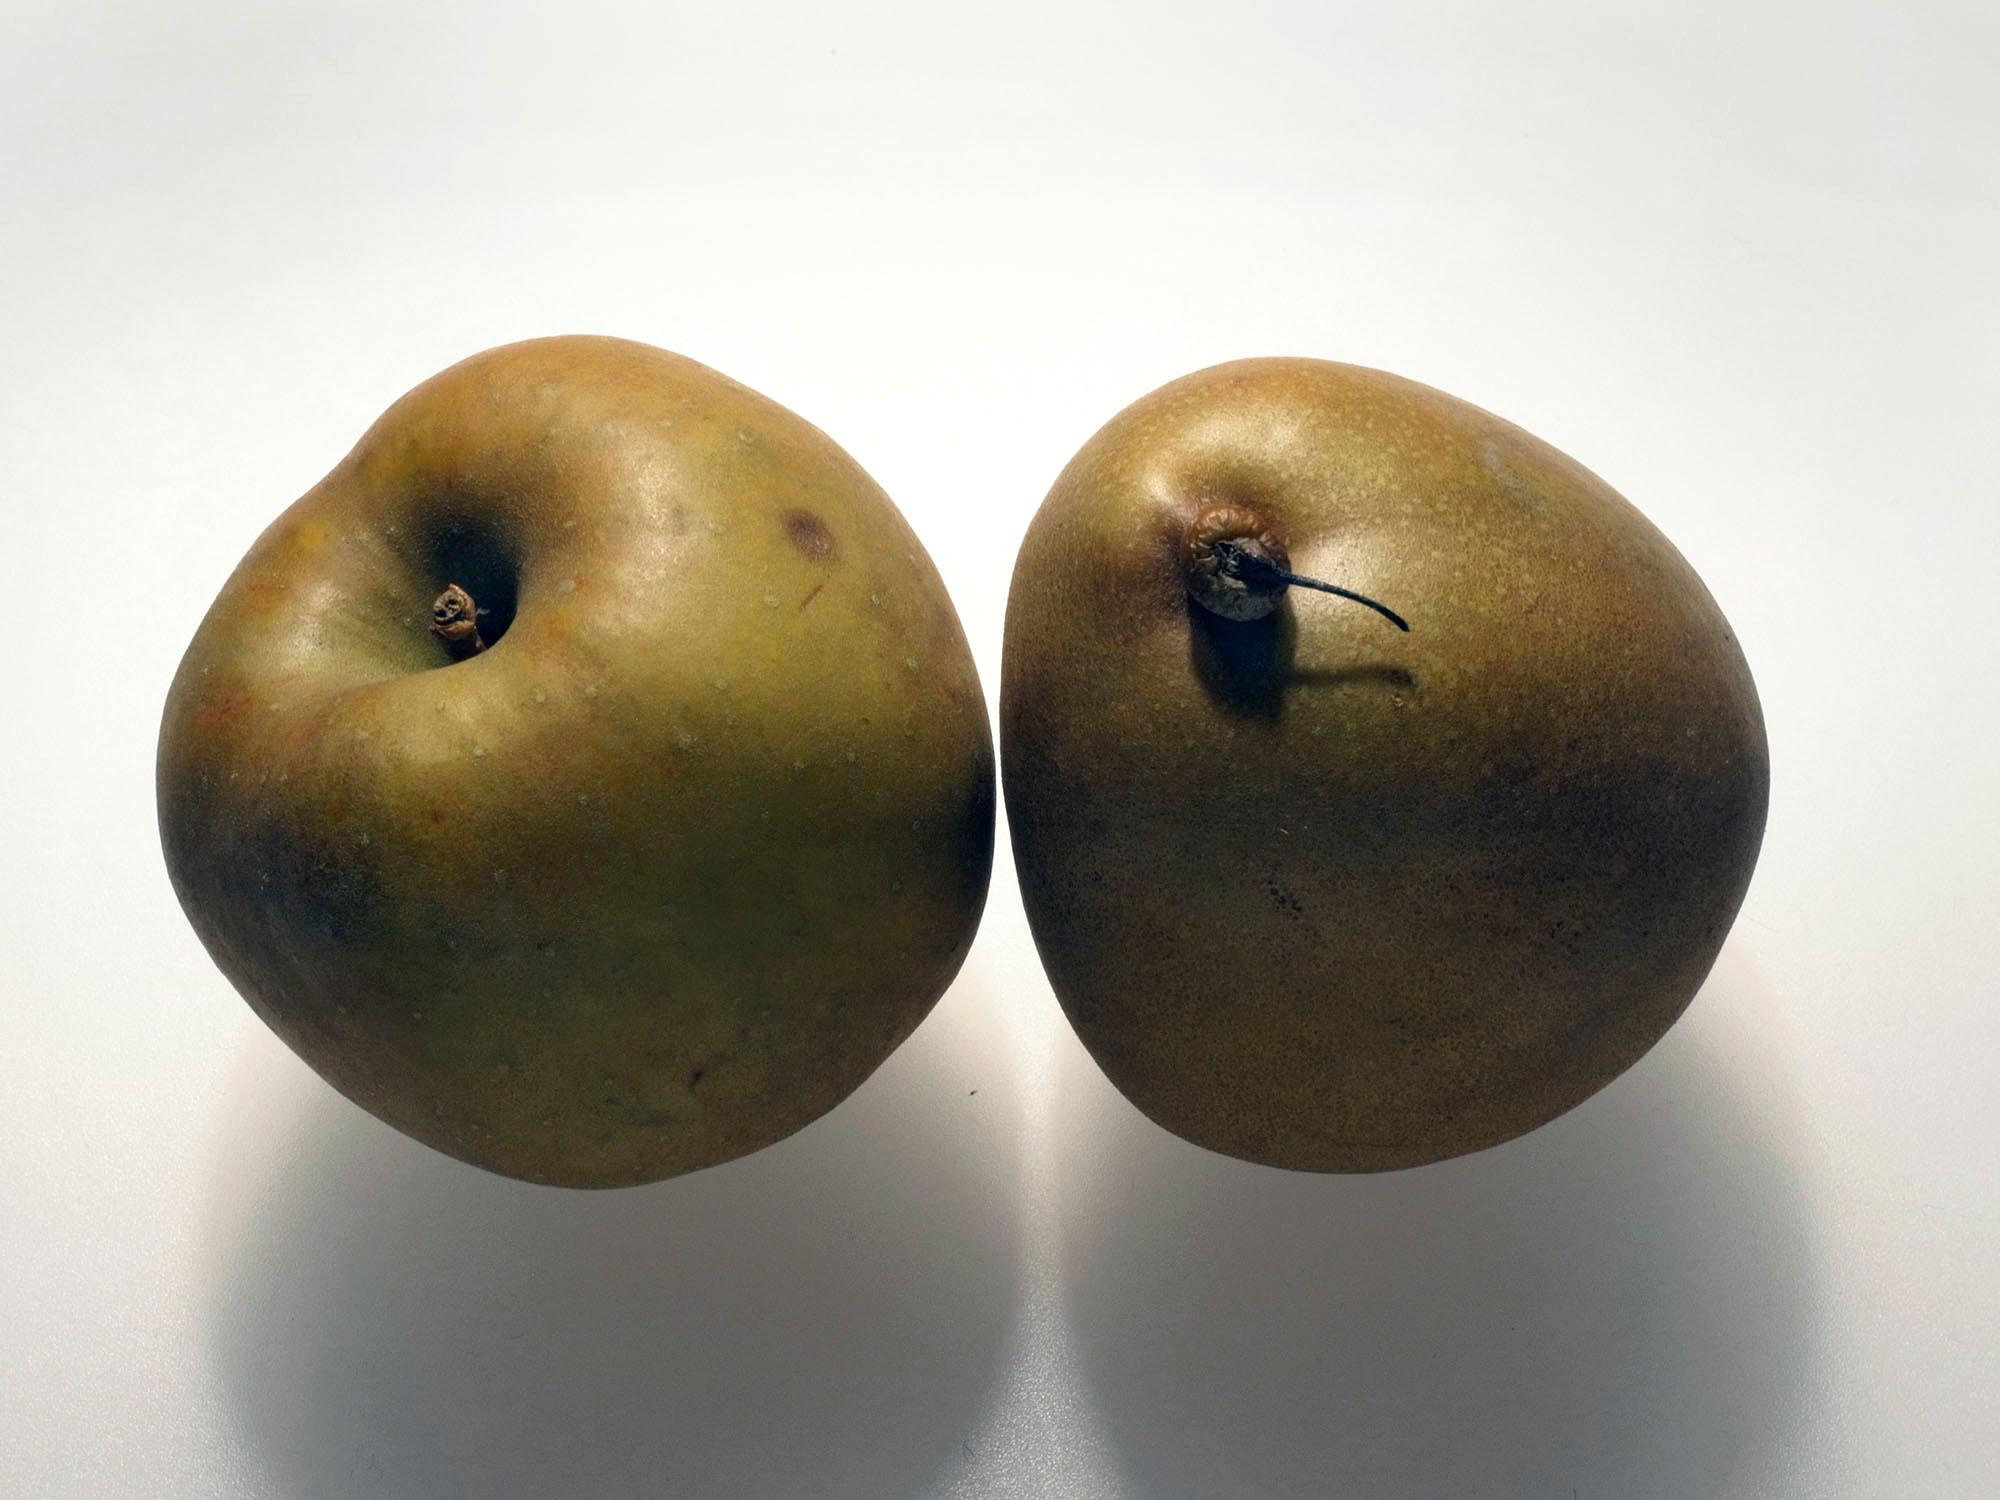 pomme poire bis 2015